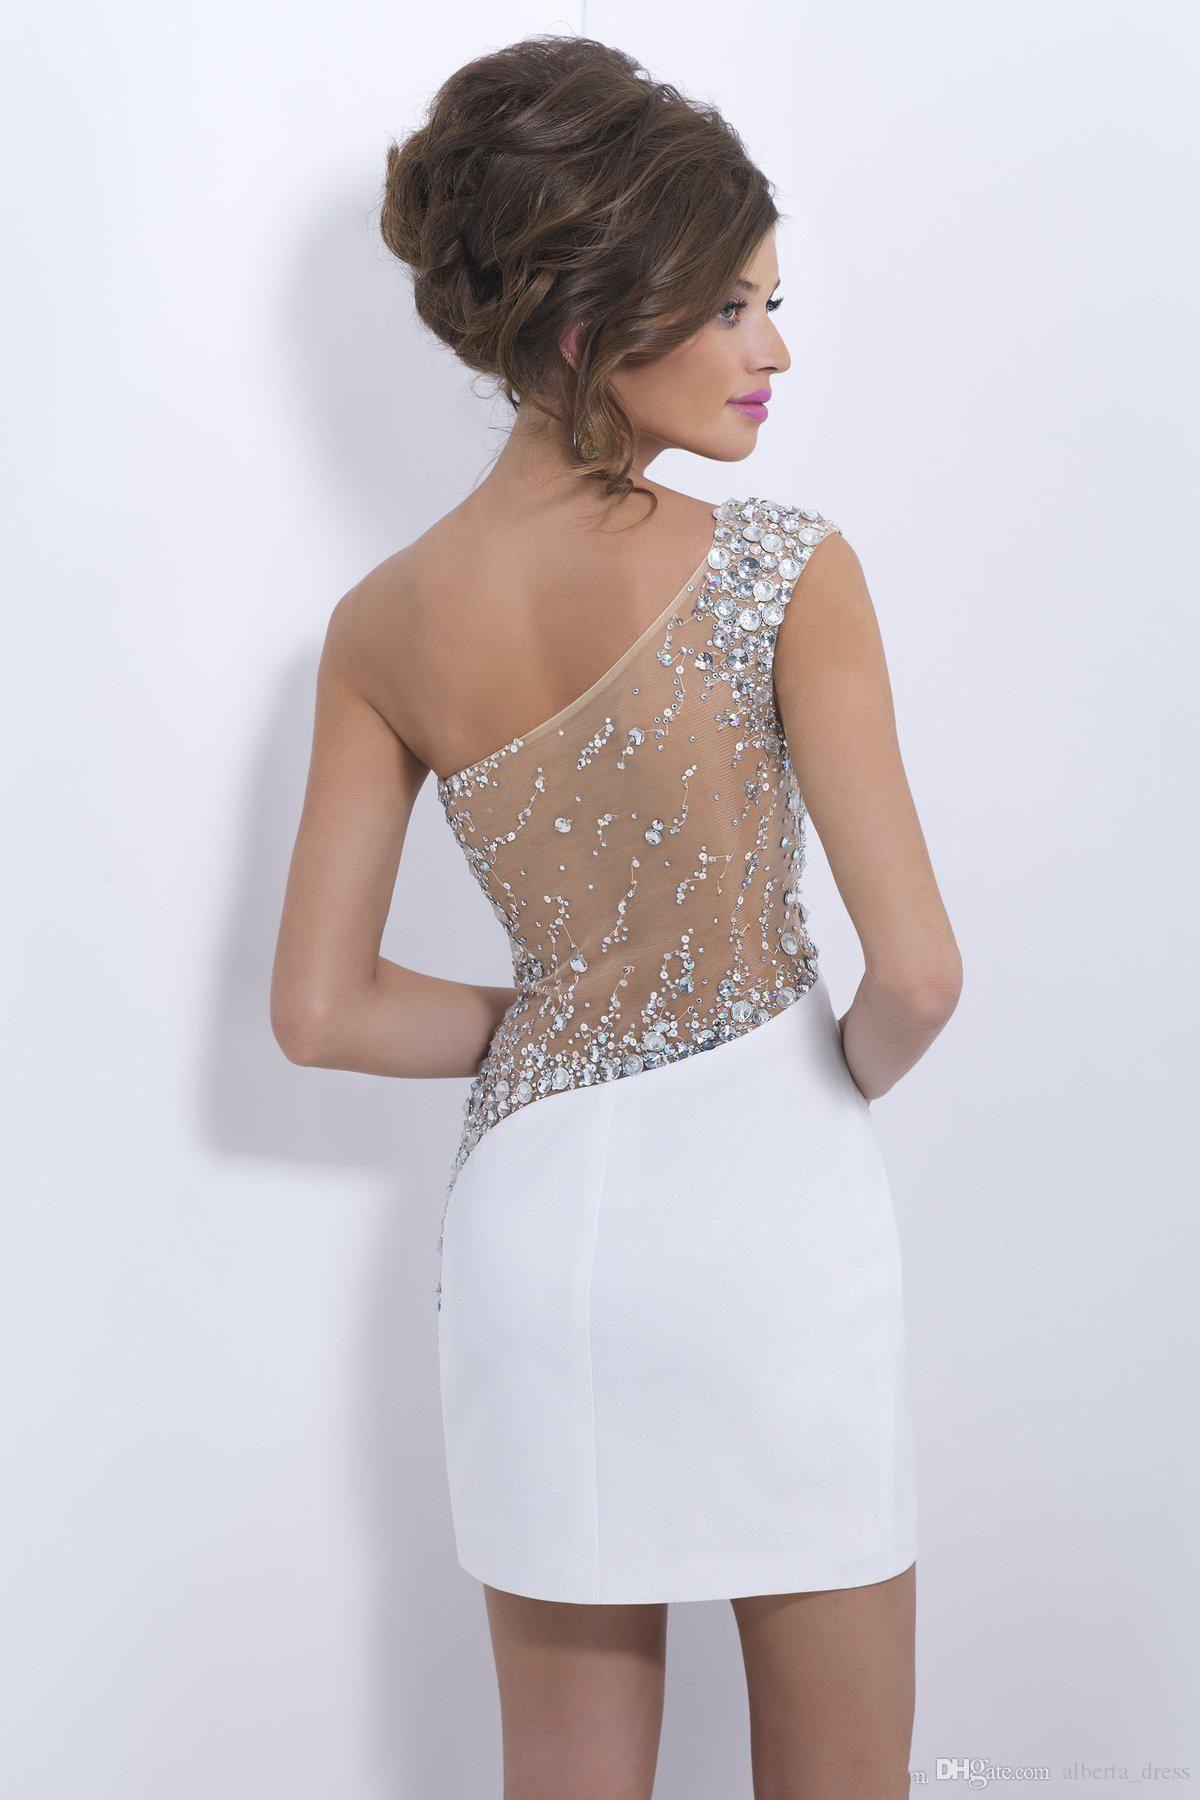 2019 Elegantes cristales Vestidos de cóctel blancos Un hombro Corto Sheer Back Prom Vestidos de fiesta Vestidos de fiesta Sexy Ver a través de atrás Vestido de fiesta de noche